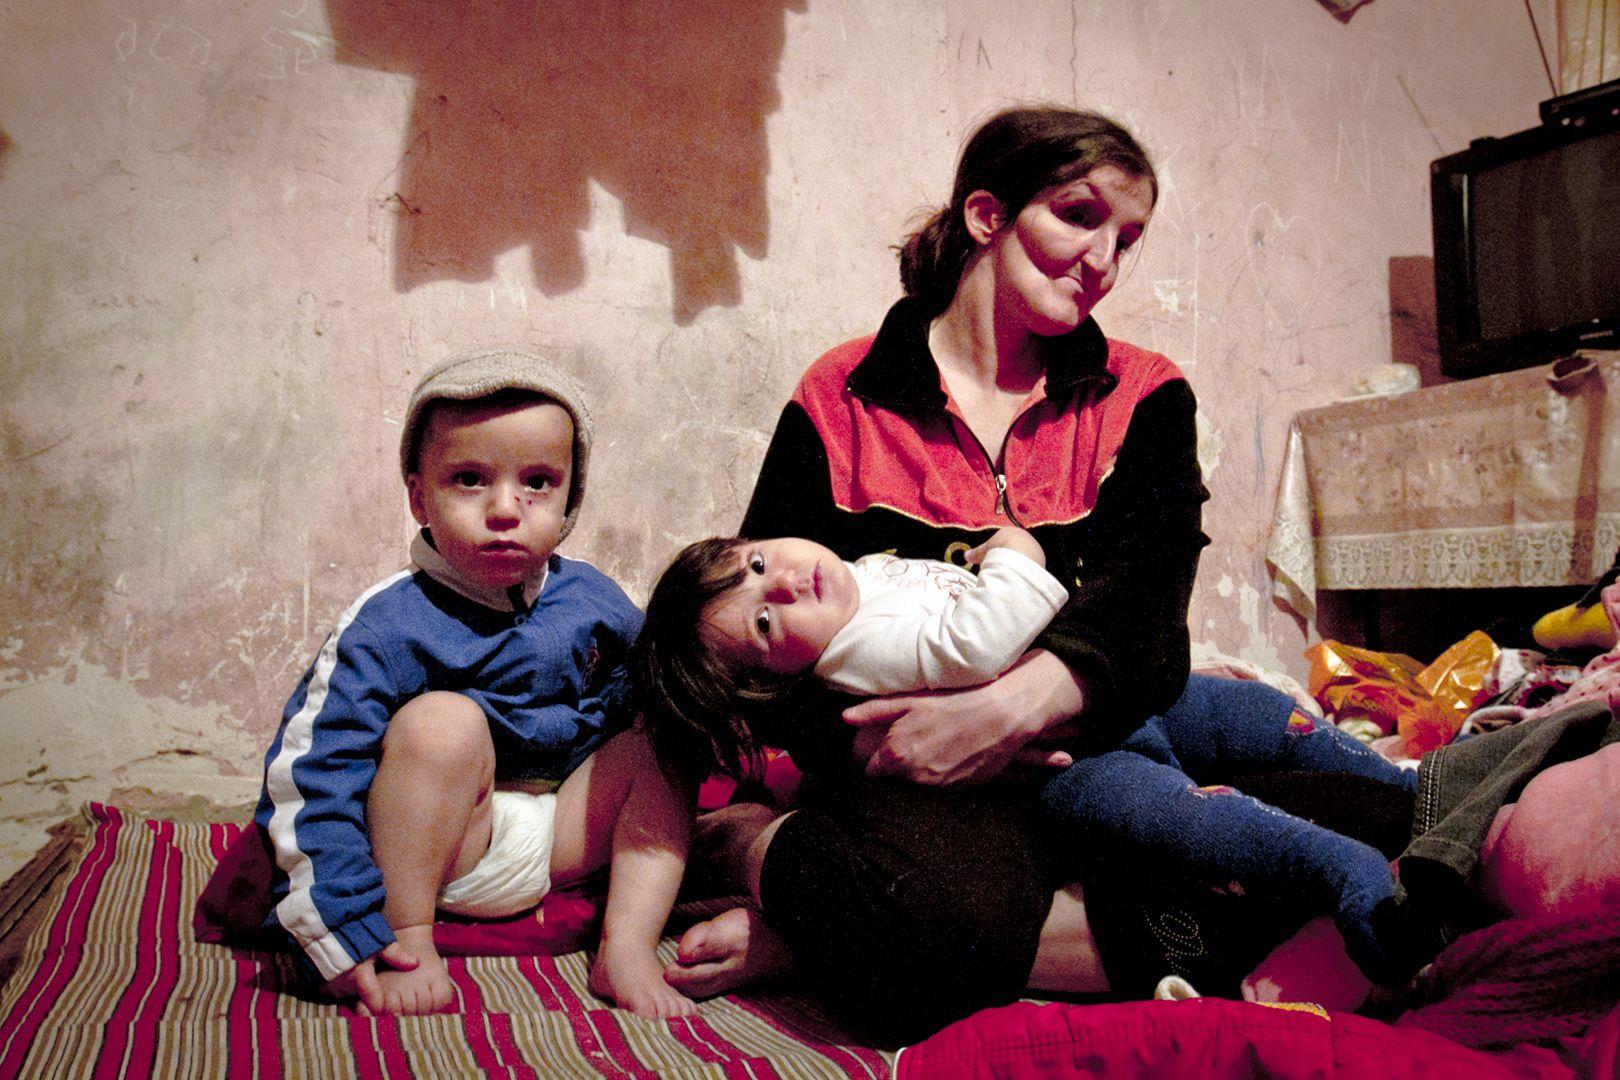 Xocali Faciəsi 19 Ayliq əsirlik Və Parklarda Kecən Omur Couple Photos Photo Scenes